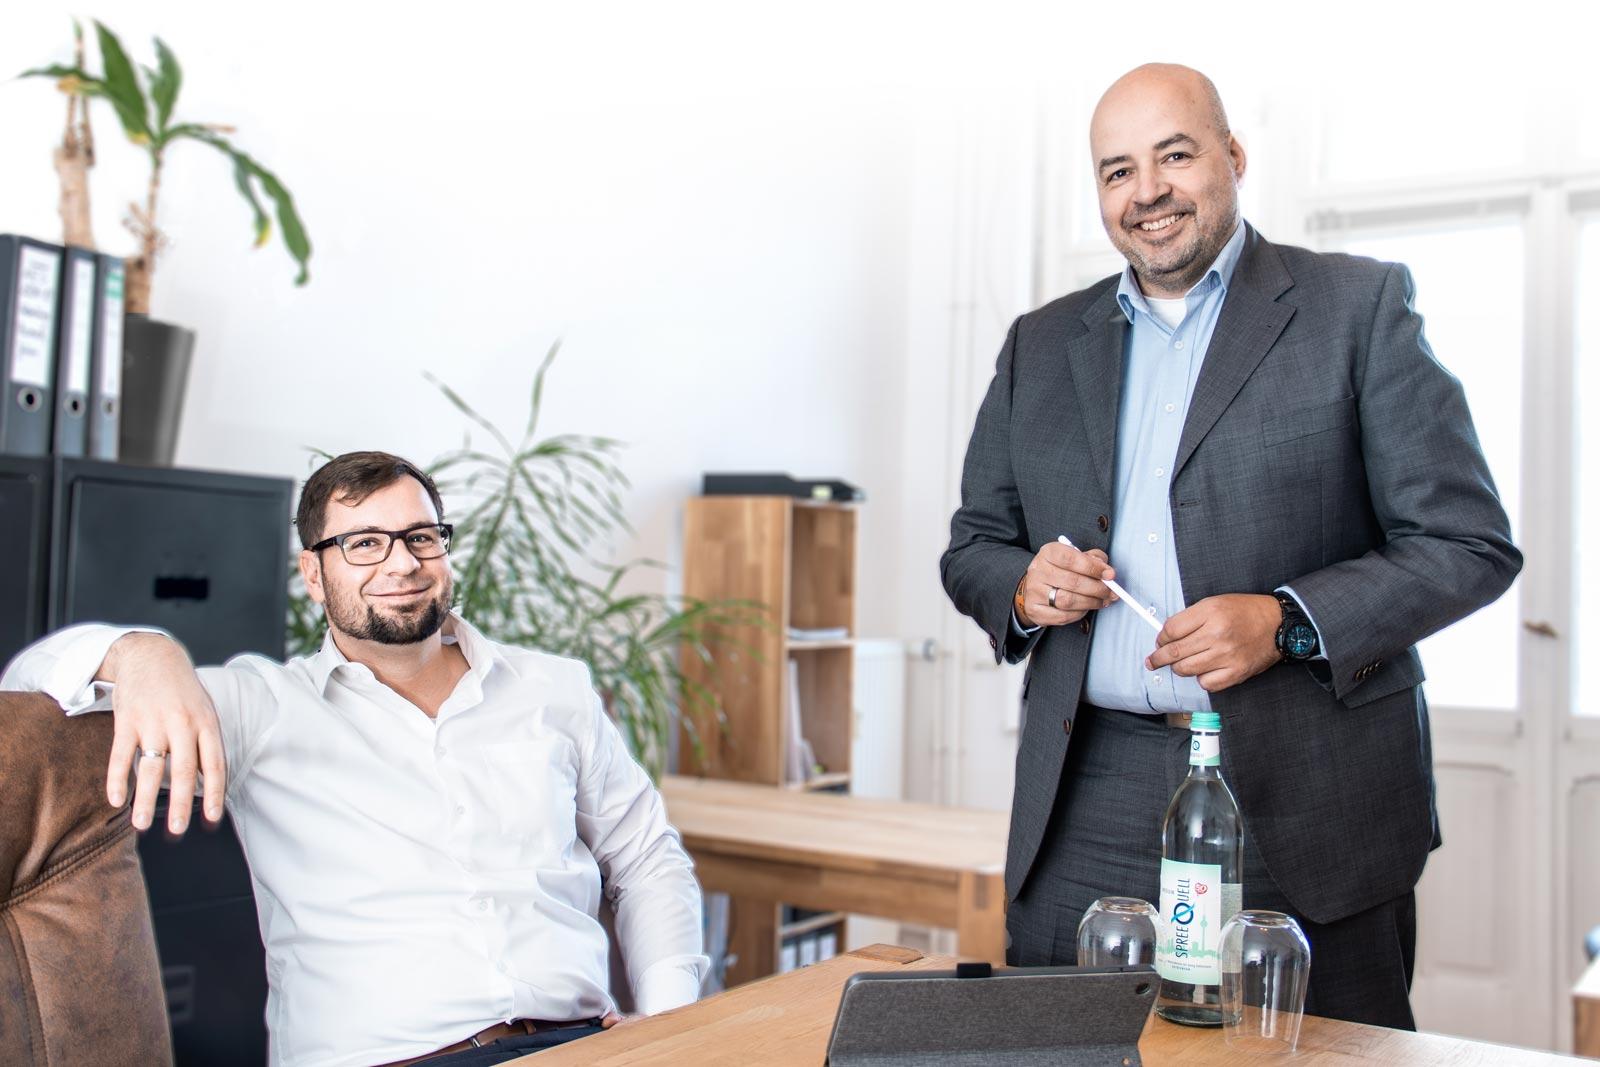 Anwalt Sexualstrafrecht Berlin: RA Grunst und RA Grigutsch